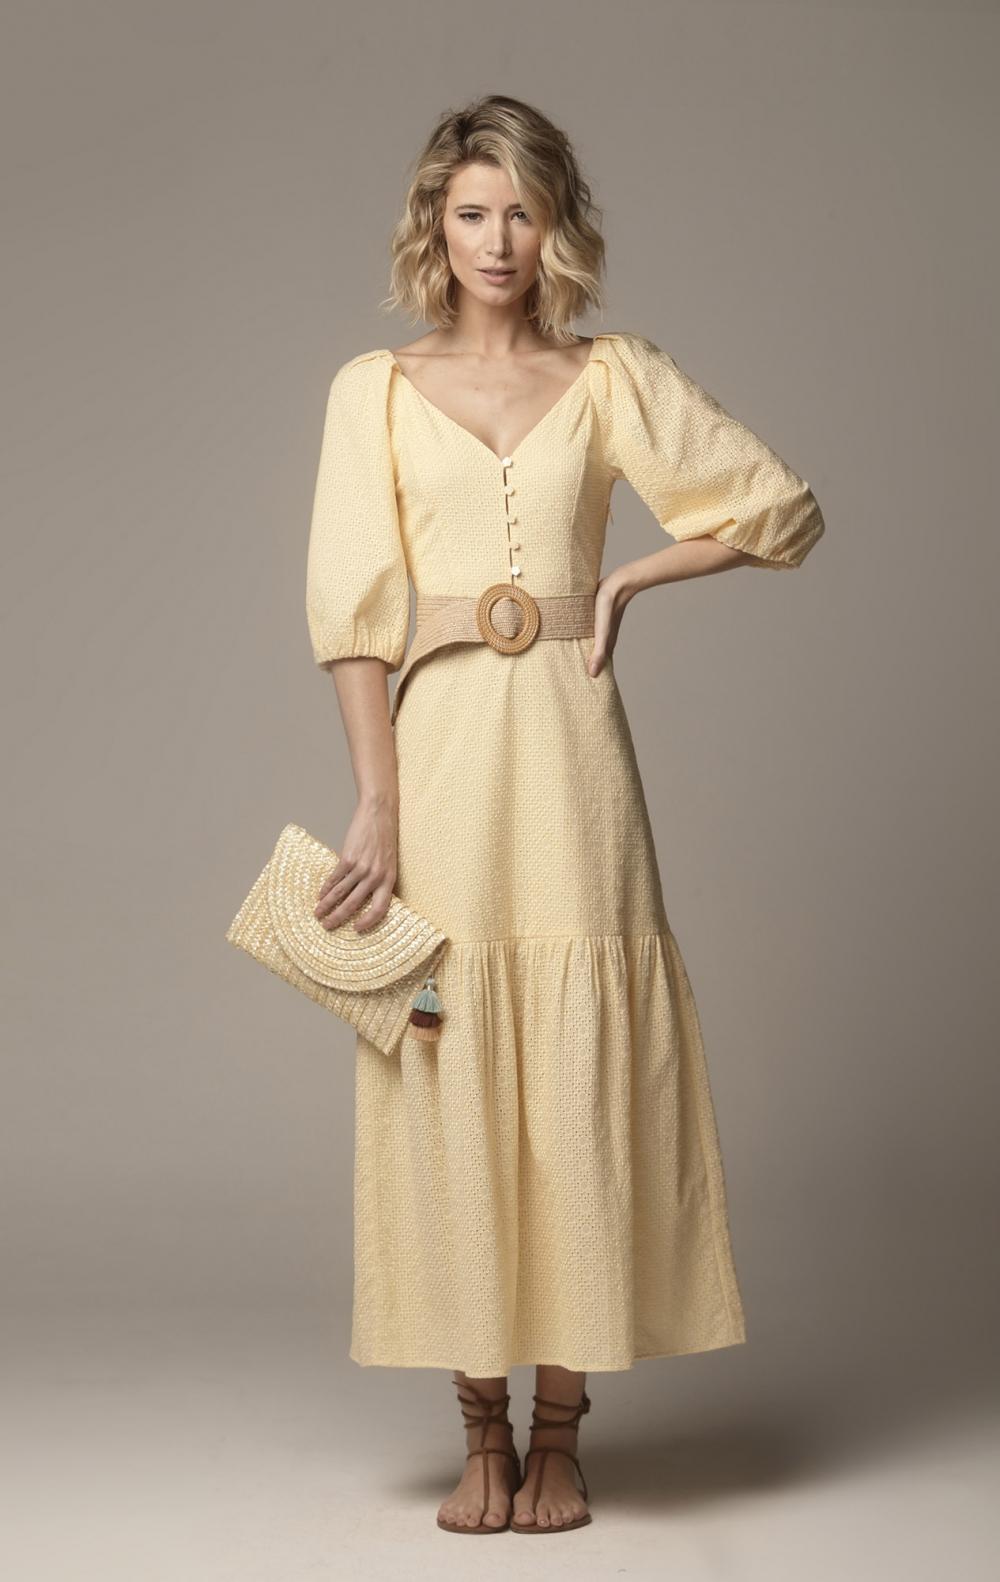 Vestido Kelly Manteiga - Foto 1